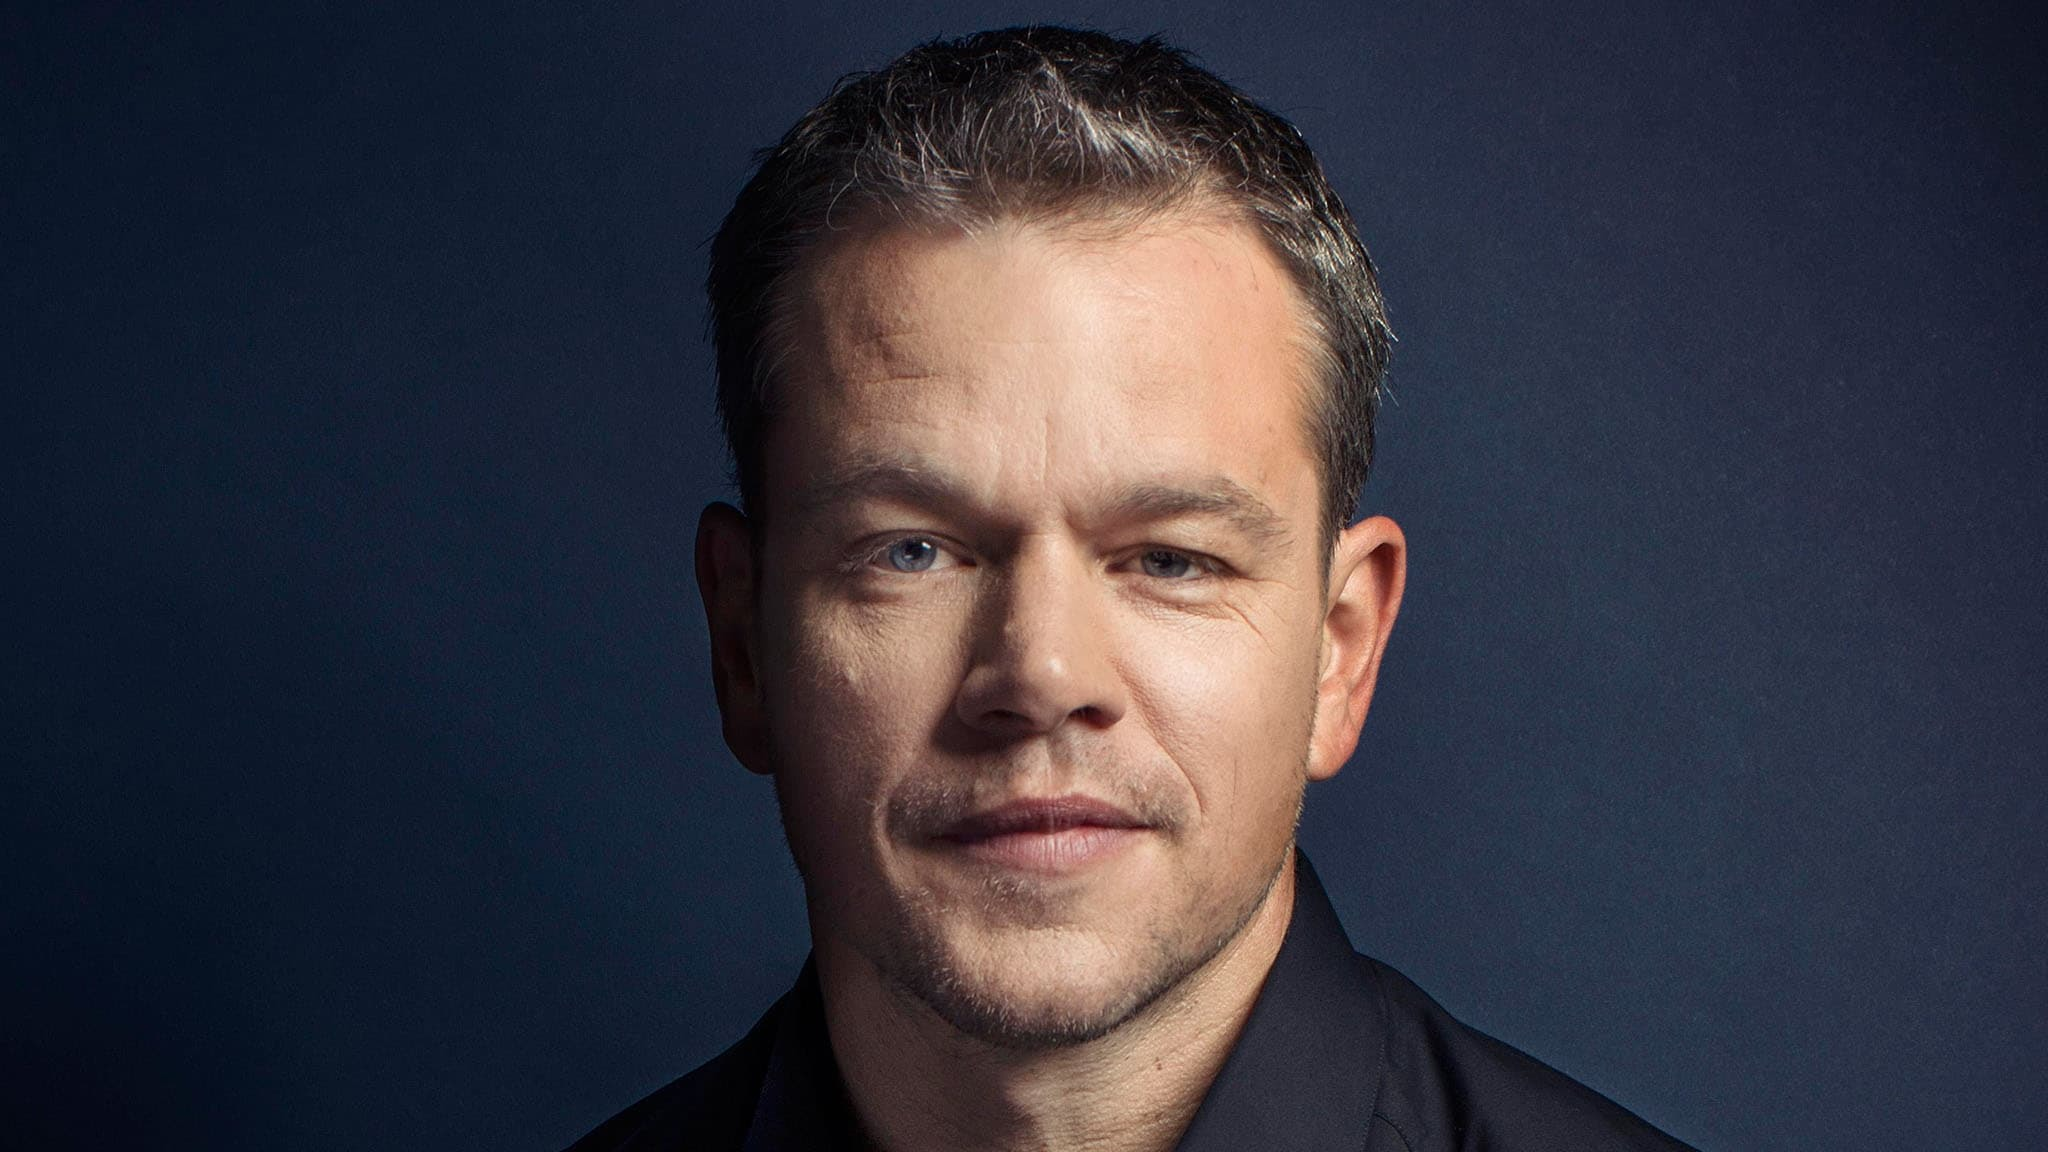 Matt Damon Computer Wallpaper